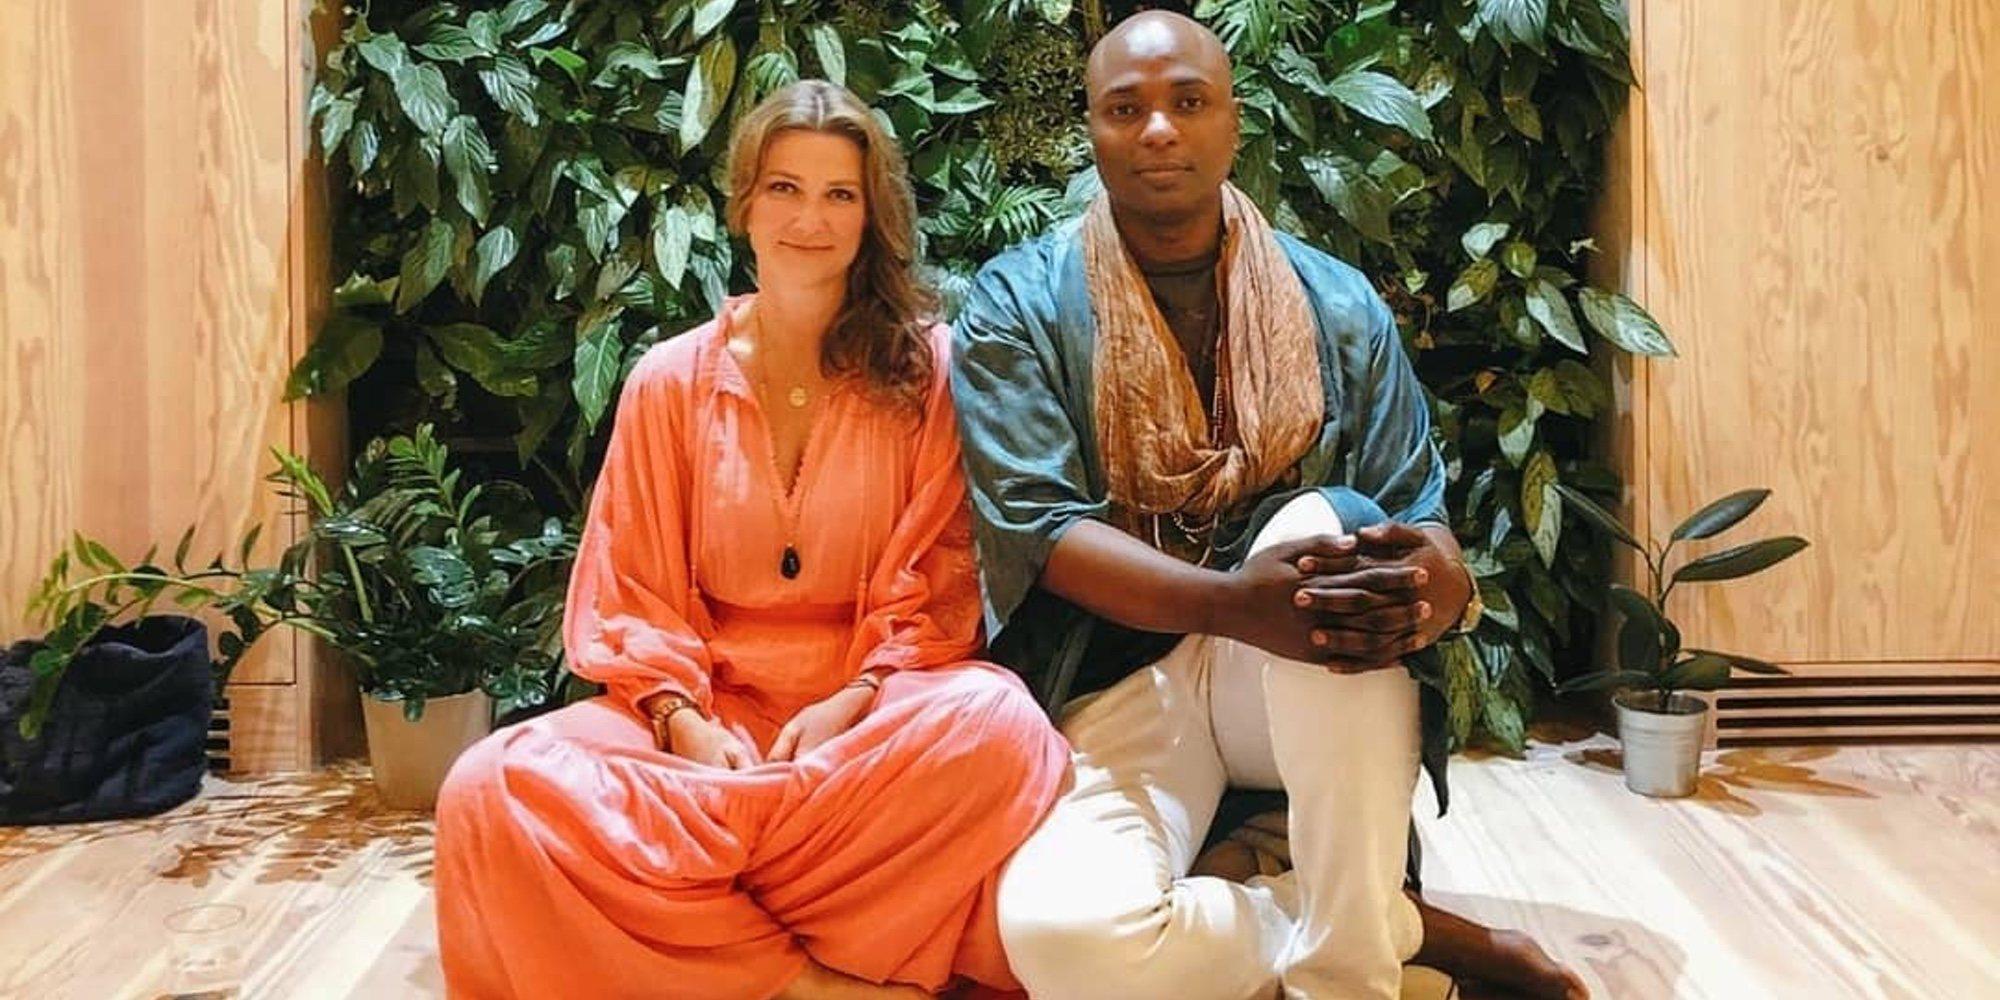 El Chaman Durek y su novia, Marta Luisa de Noruega